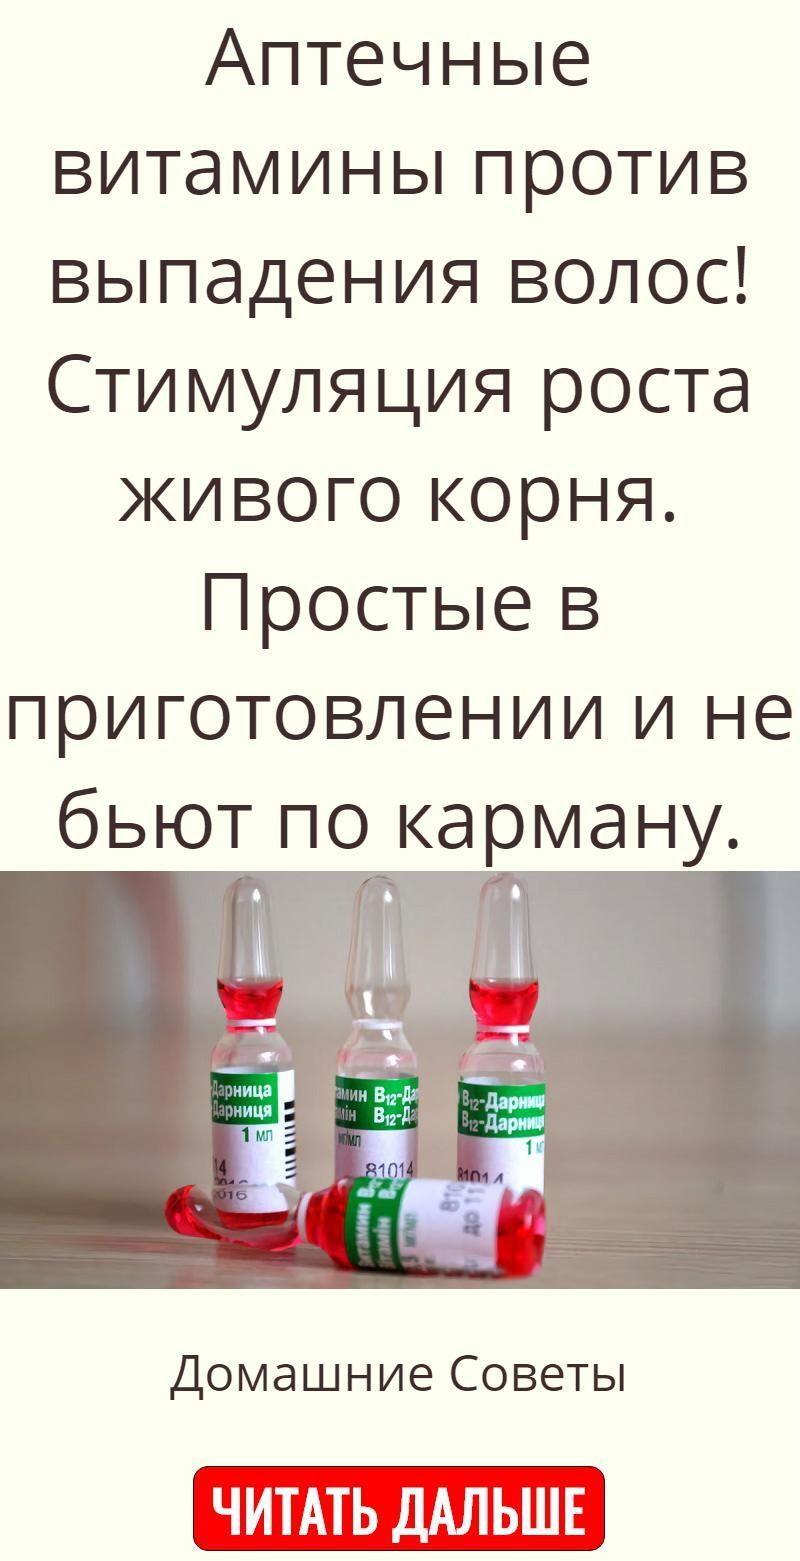 Sovety Vitaminy Dlya Rosta Volos Sovety Dlya Rosta Volos Sovety